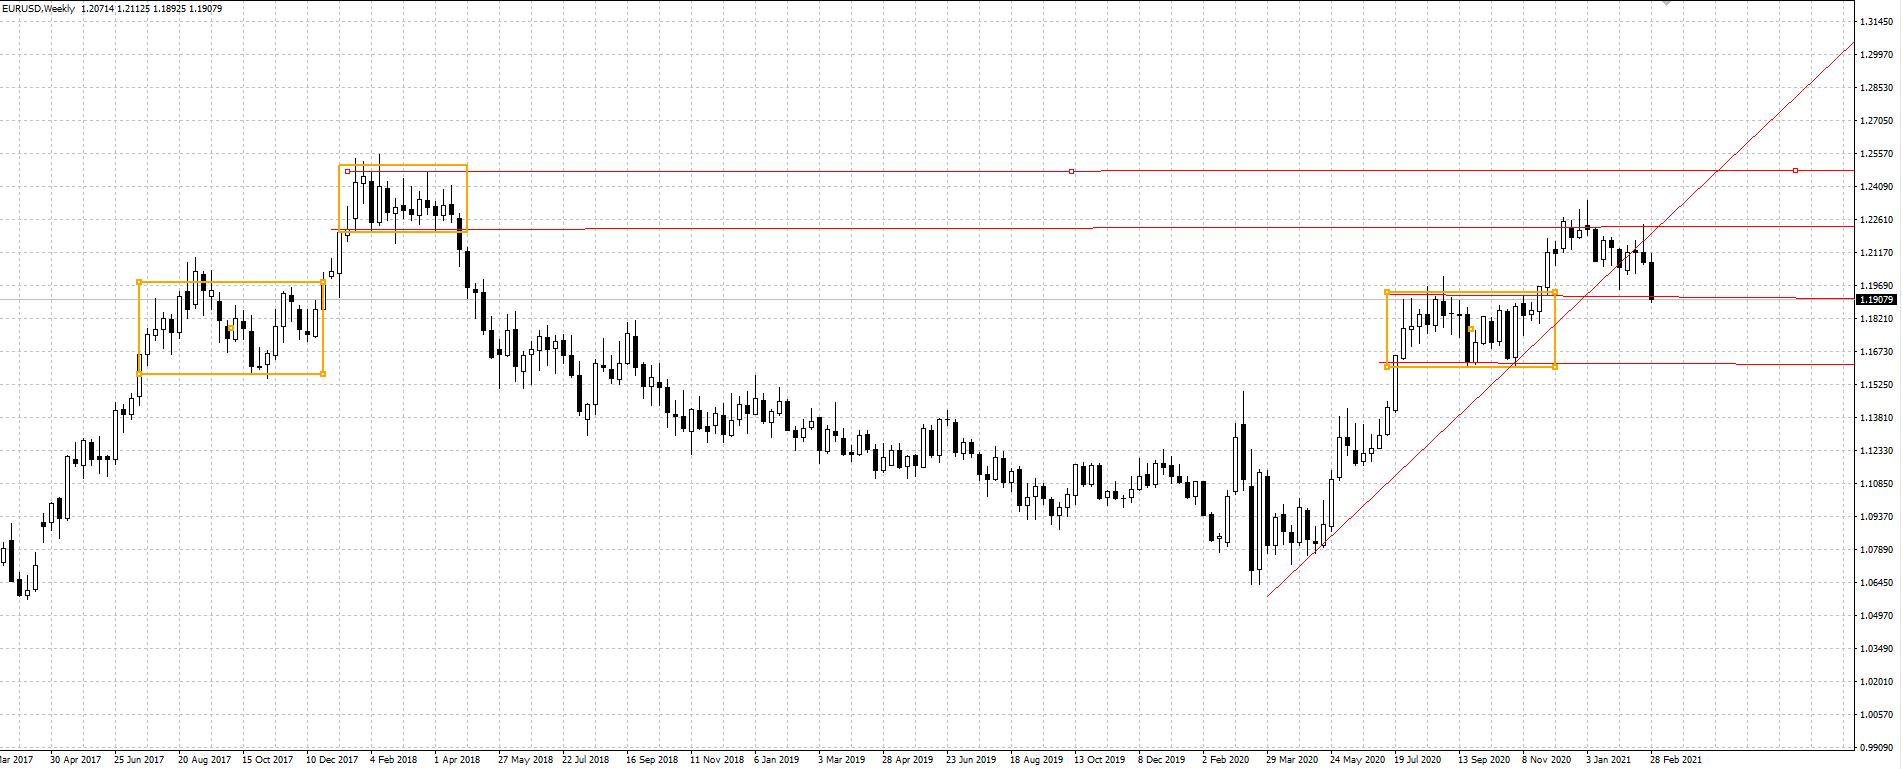 EU weekly